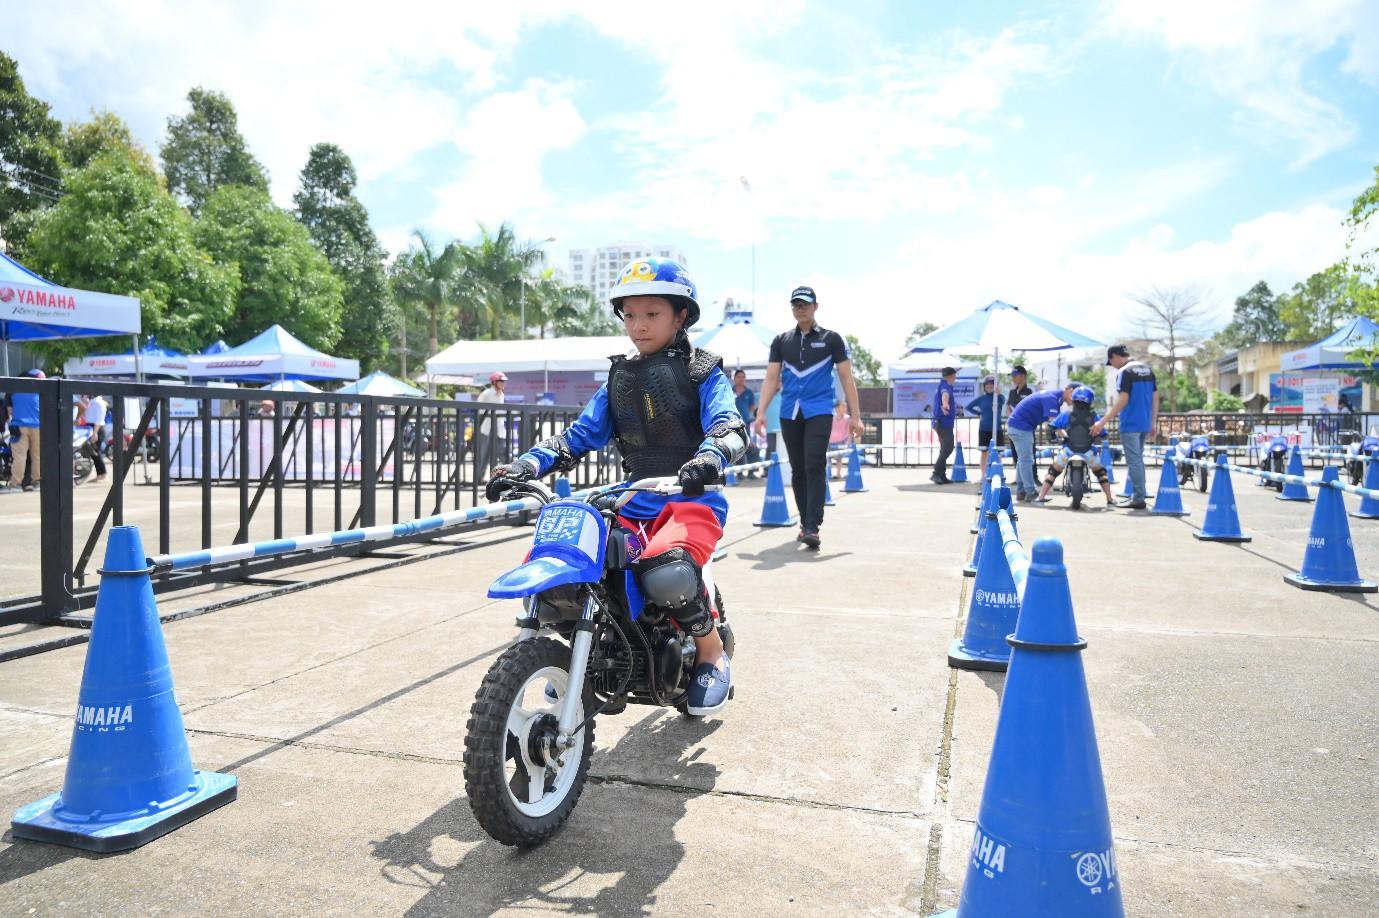 """Người hâm mộ """"phát sốt"""" với những trận đấu nghẹt thở của giải U13 Yamaha Cup 2019 tại Đắk Lắk - Ảnh 7."""